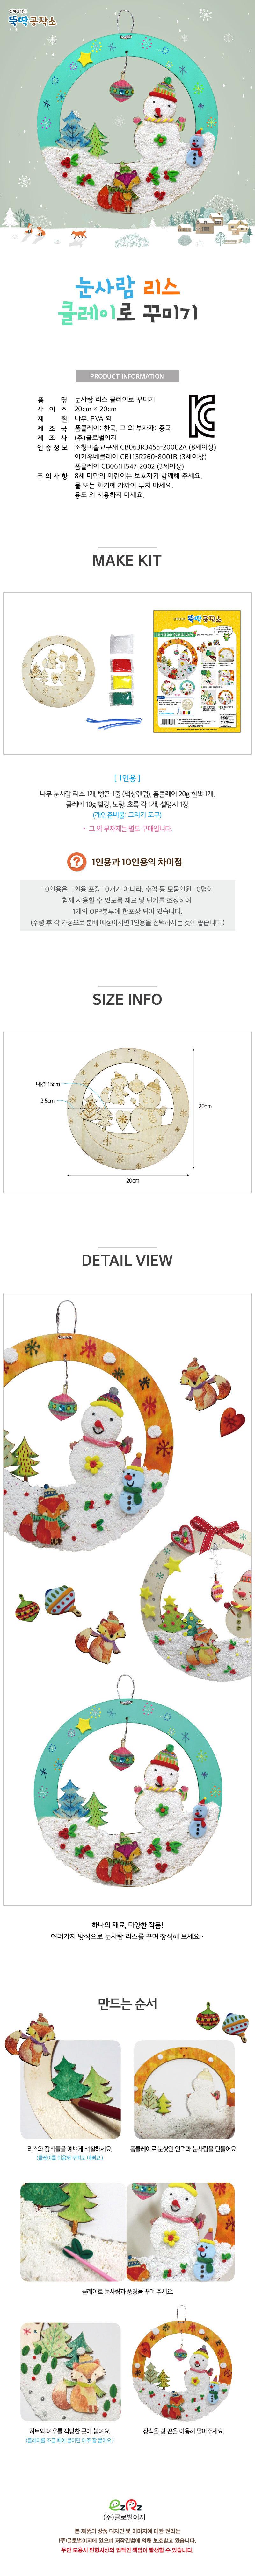 눈사람 리스 클레이로 꾸미기(1인용) - 이지피아, 2,800원, 우드공예, 우드공예 재료